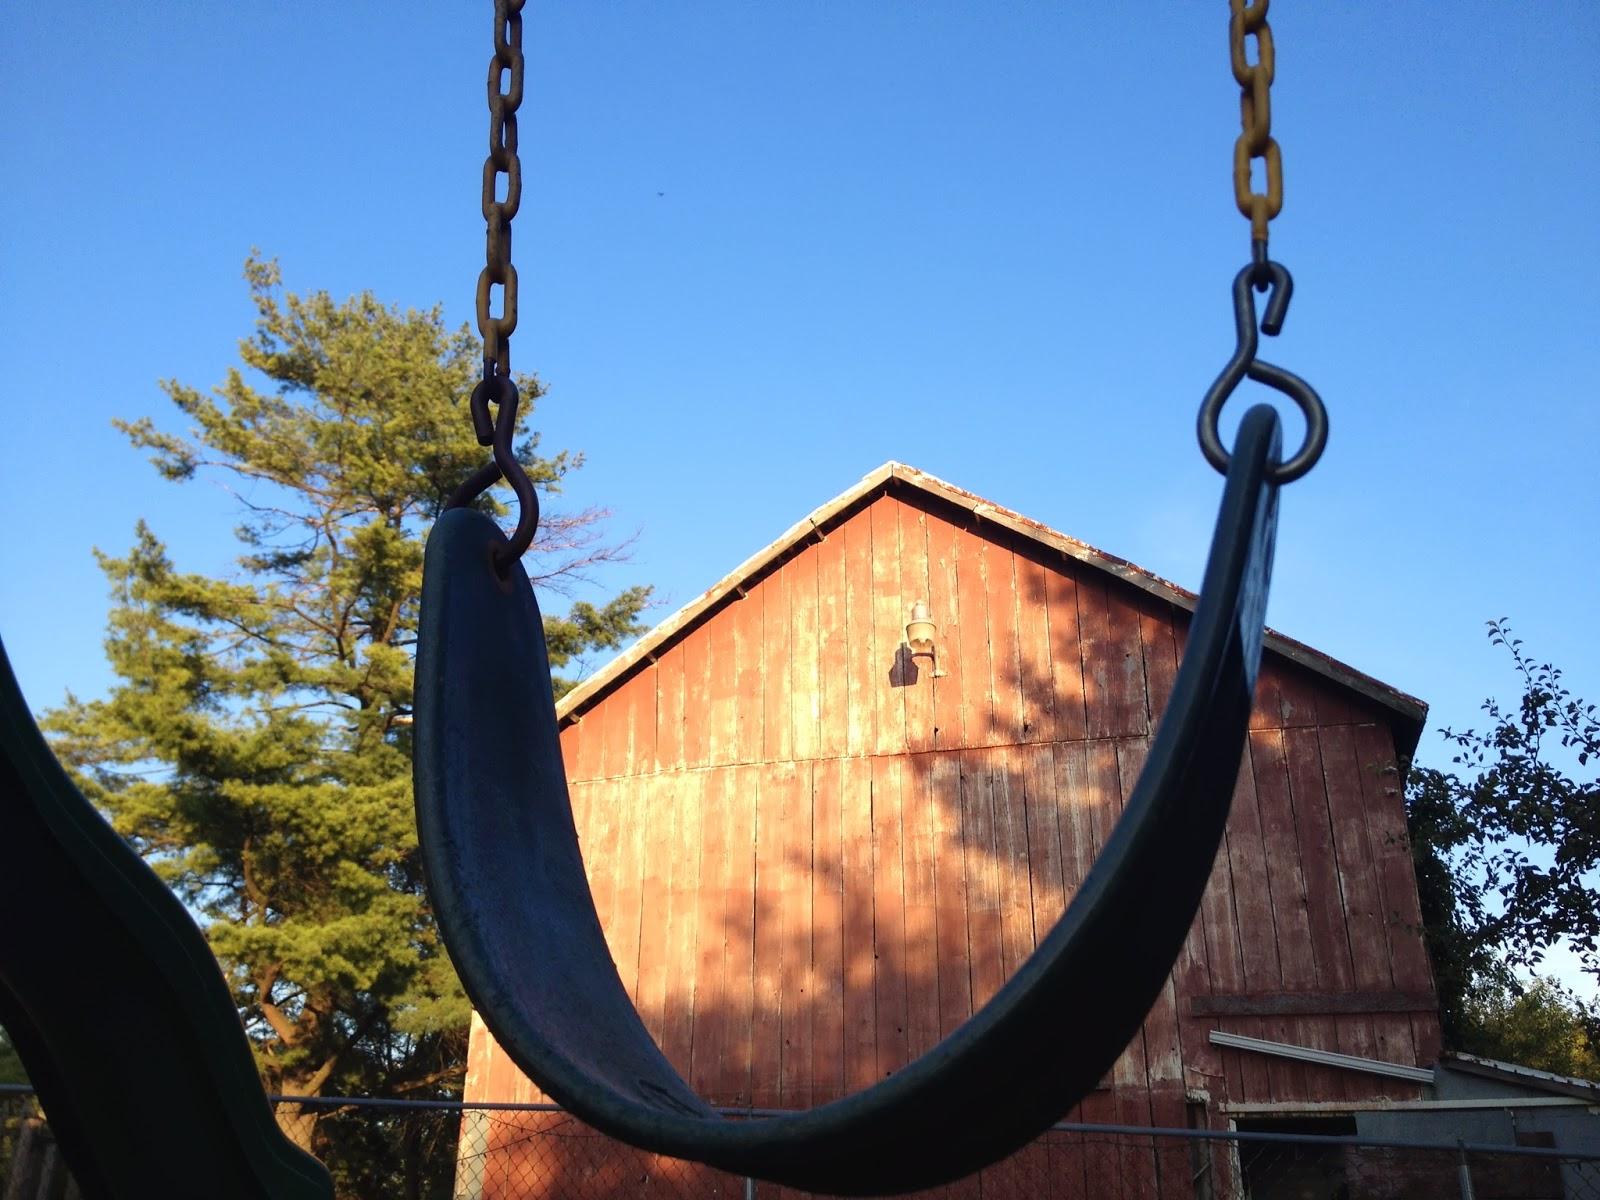 Remarkable, Homemade fence swinger